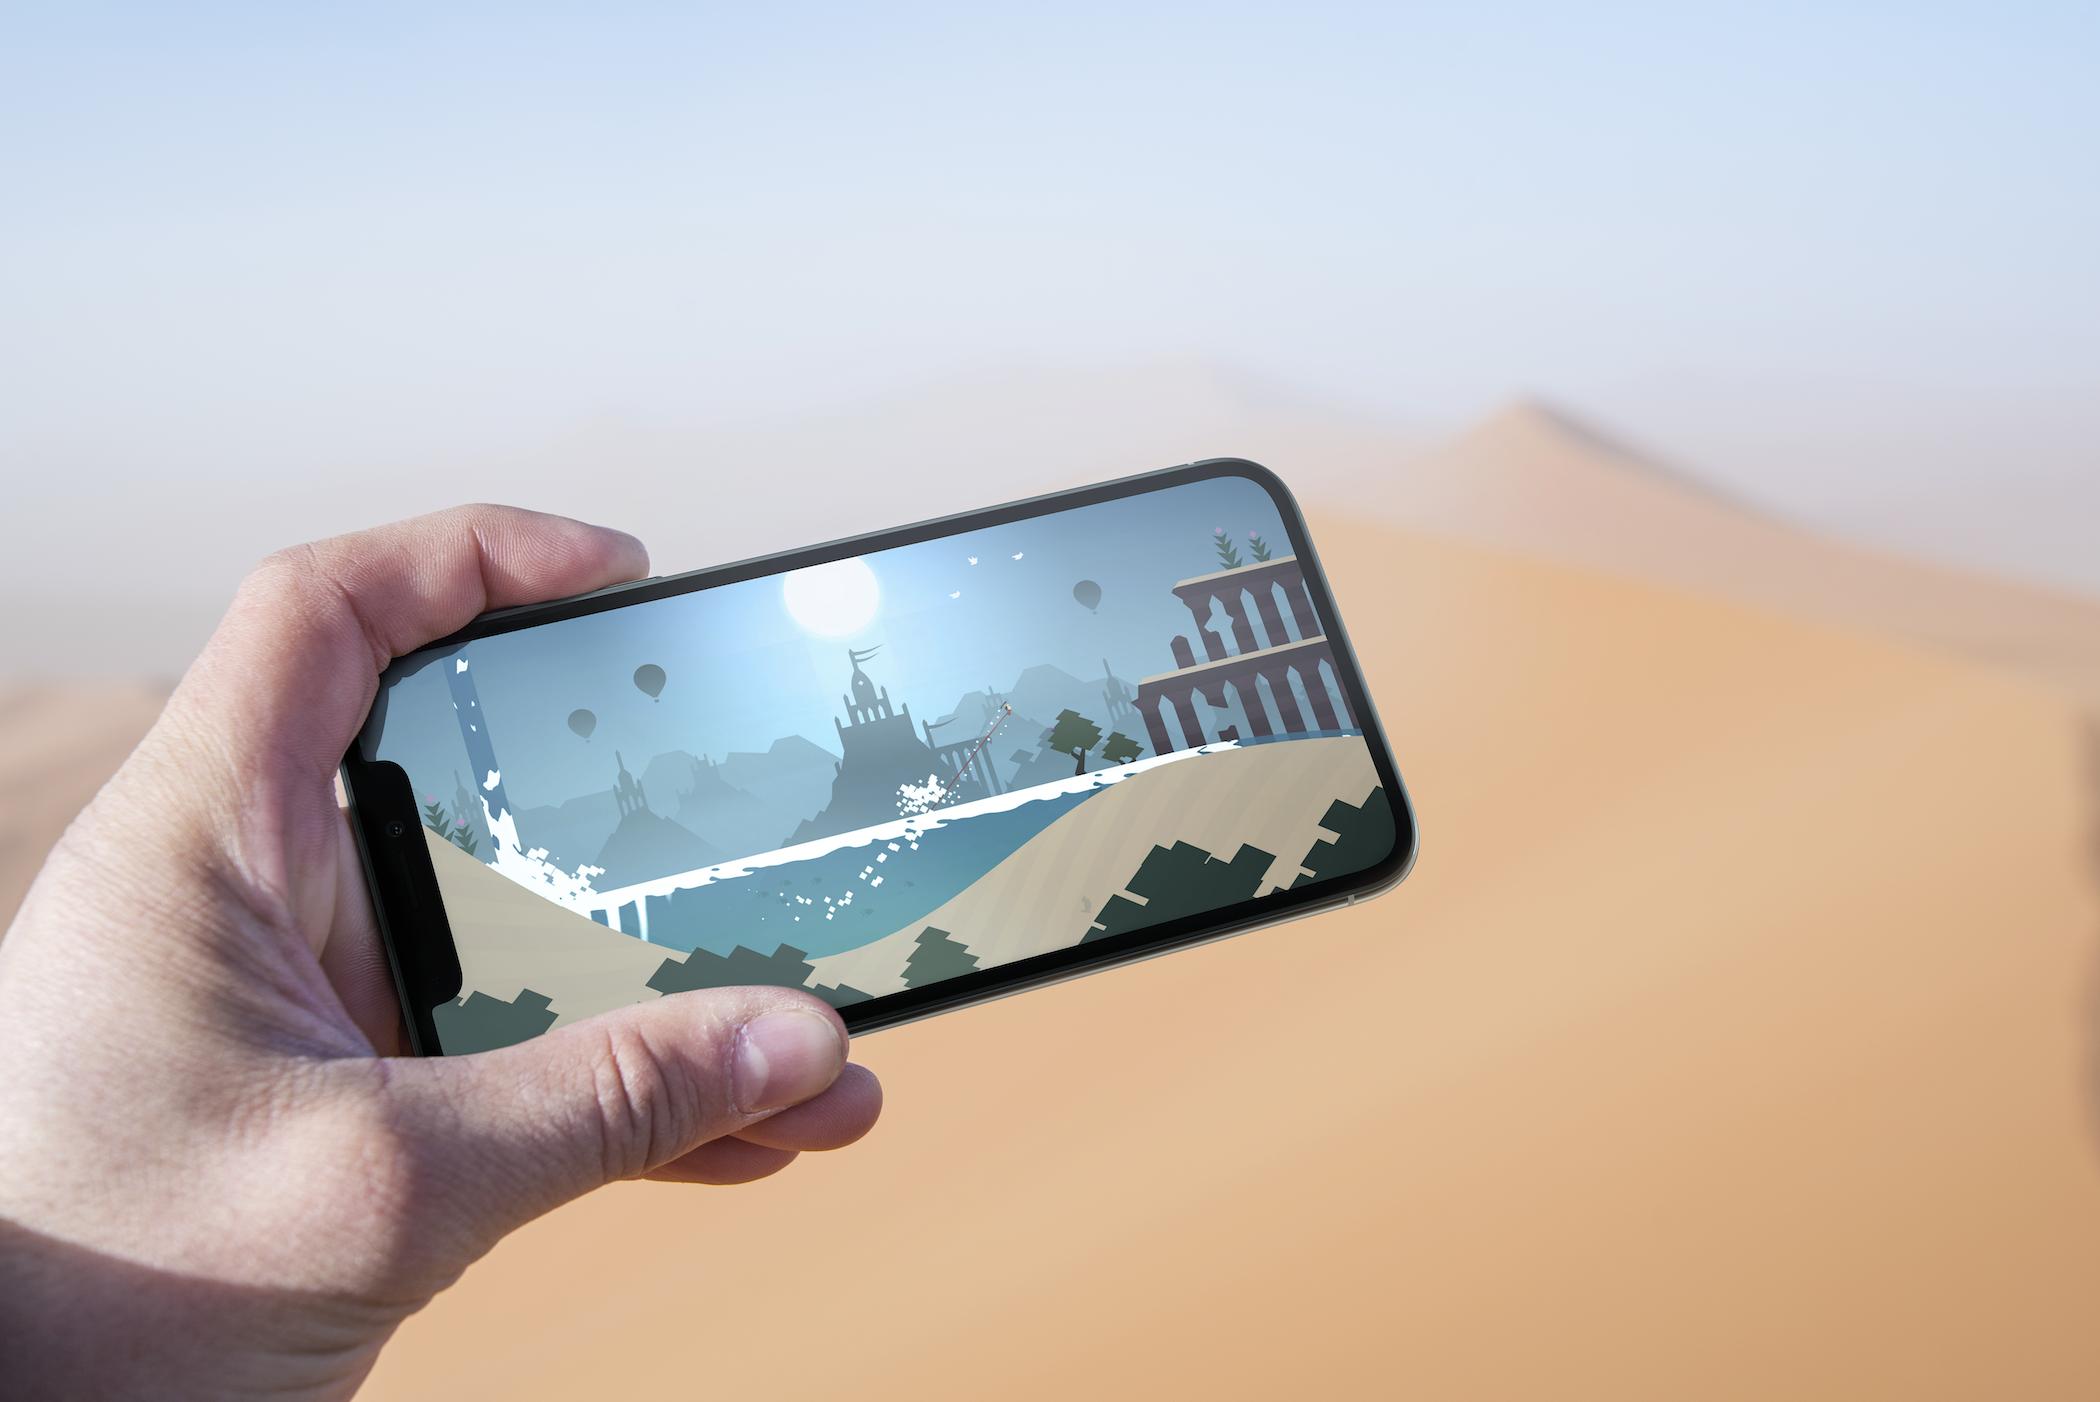 Sforum - Trang thông tin công nghệ mới nhất altos_odyssey_lifestyle11 5 ứng dụng cần thiết trên iOS để làm việc tại nhà hiệu quả hơn trong mùa dịch